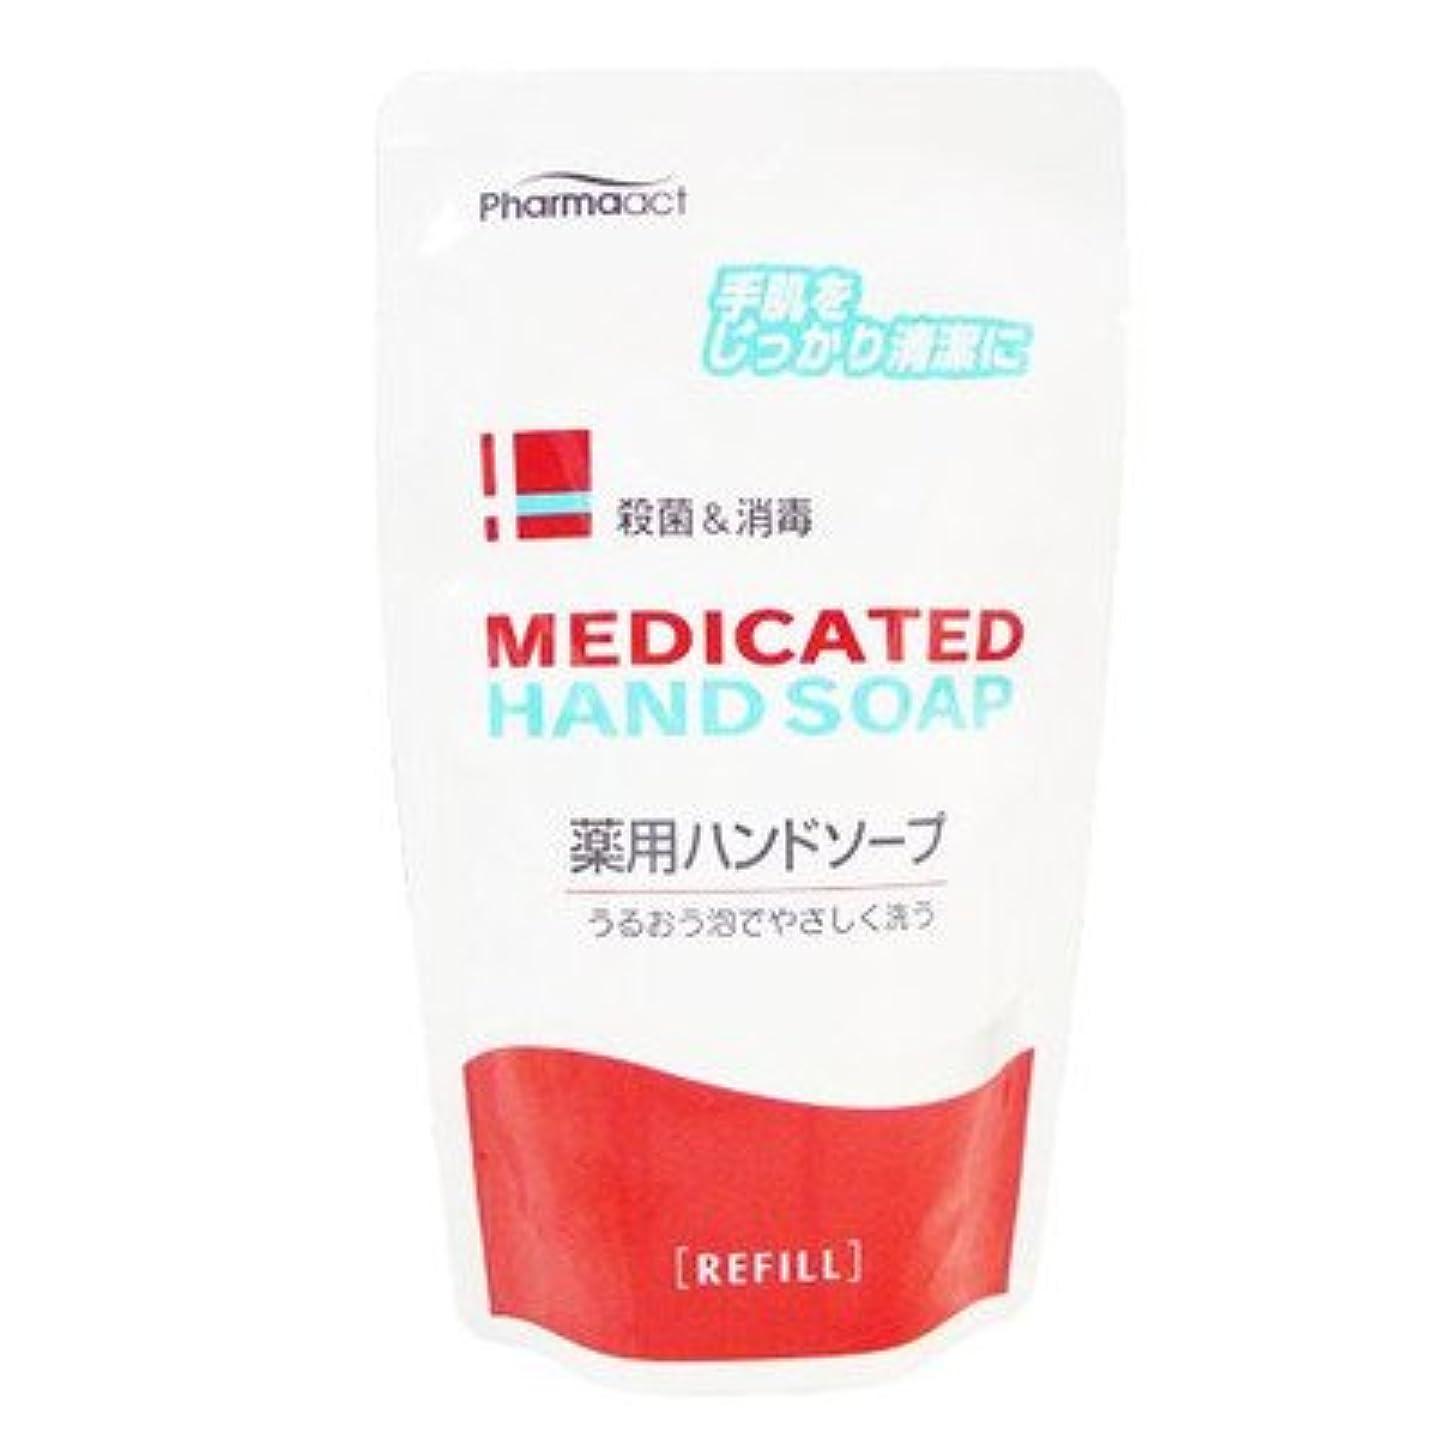 お茶負荷筋Medicated 薬用ハンドソープ 殺菌+消毒 200ml【つめかえ用】(医薬部外品)